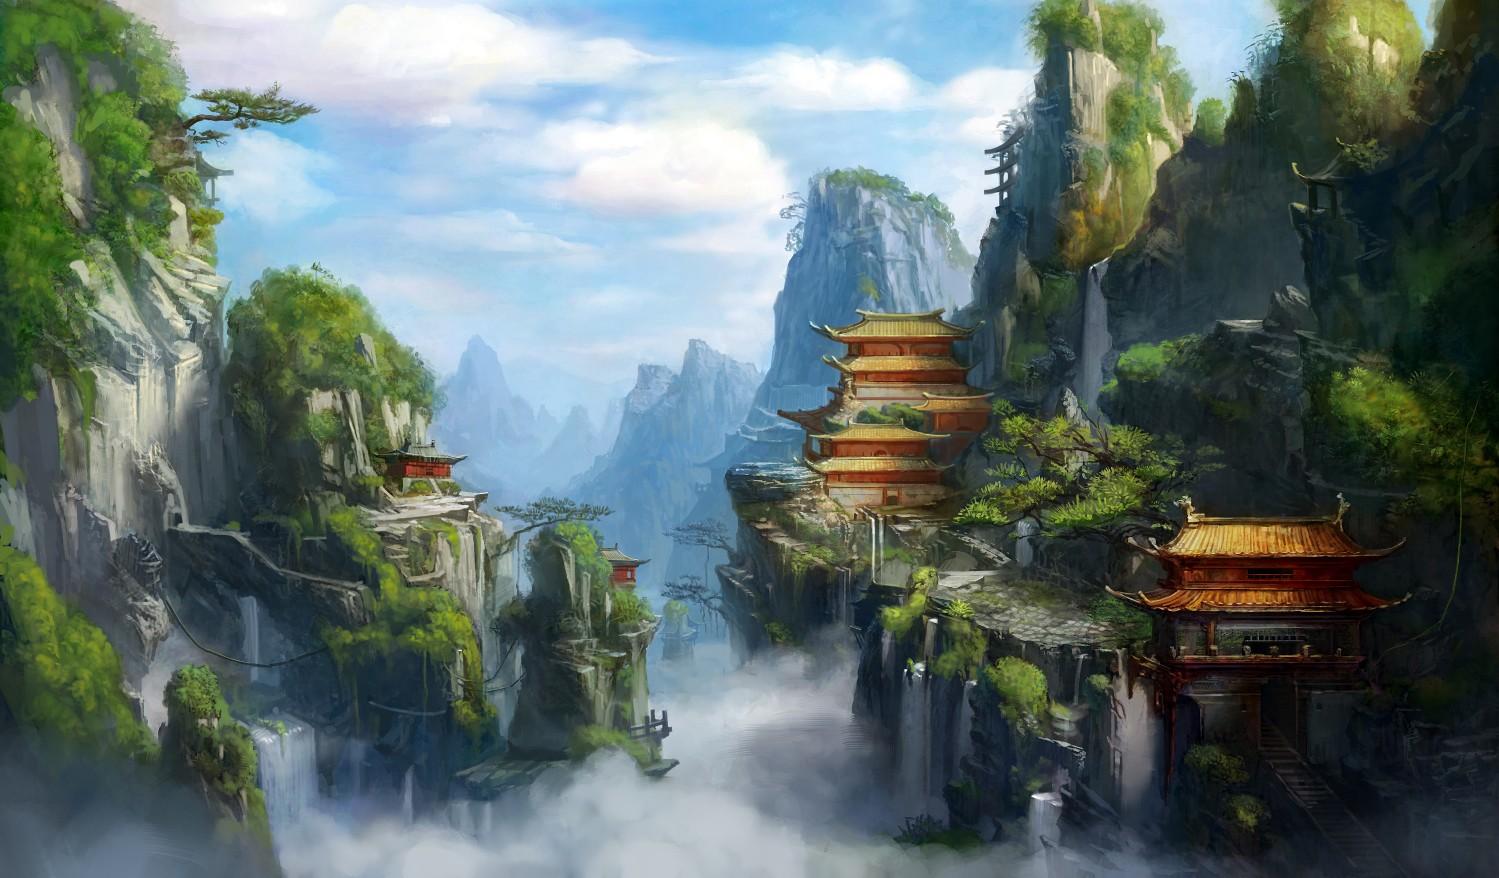 壁纸 风景 山水 桌面 1499_878